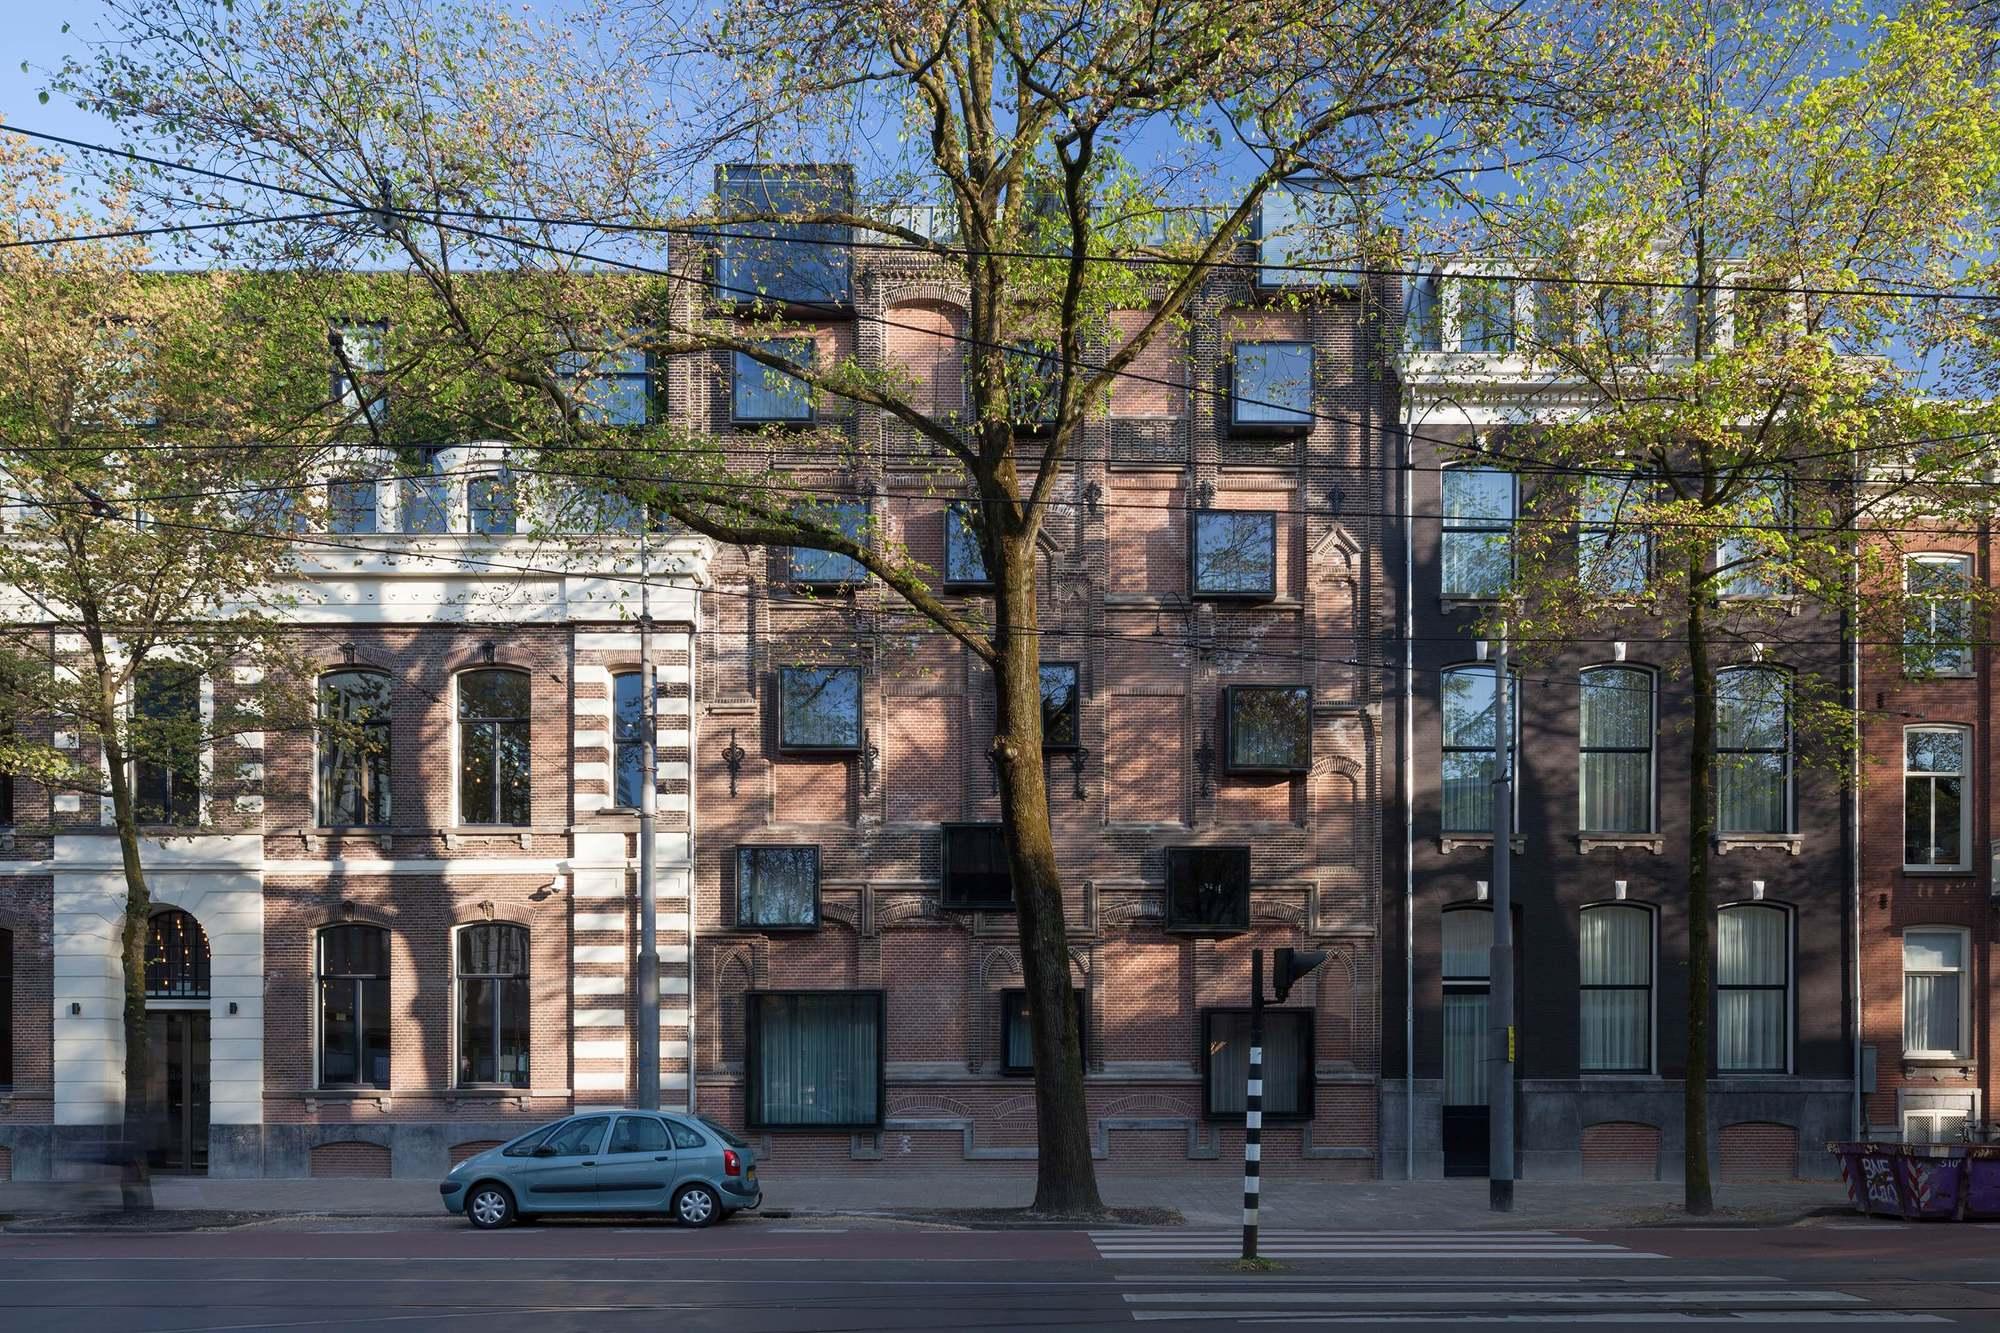 Hotel hyatt regency amsterd van dongen koschuch for B b ad amsterdam centro